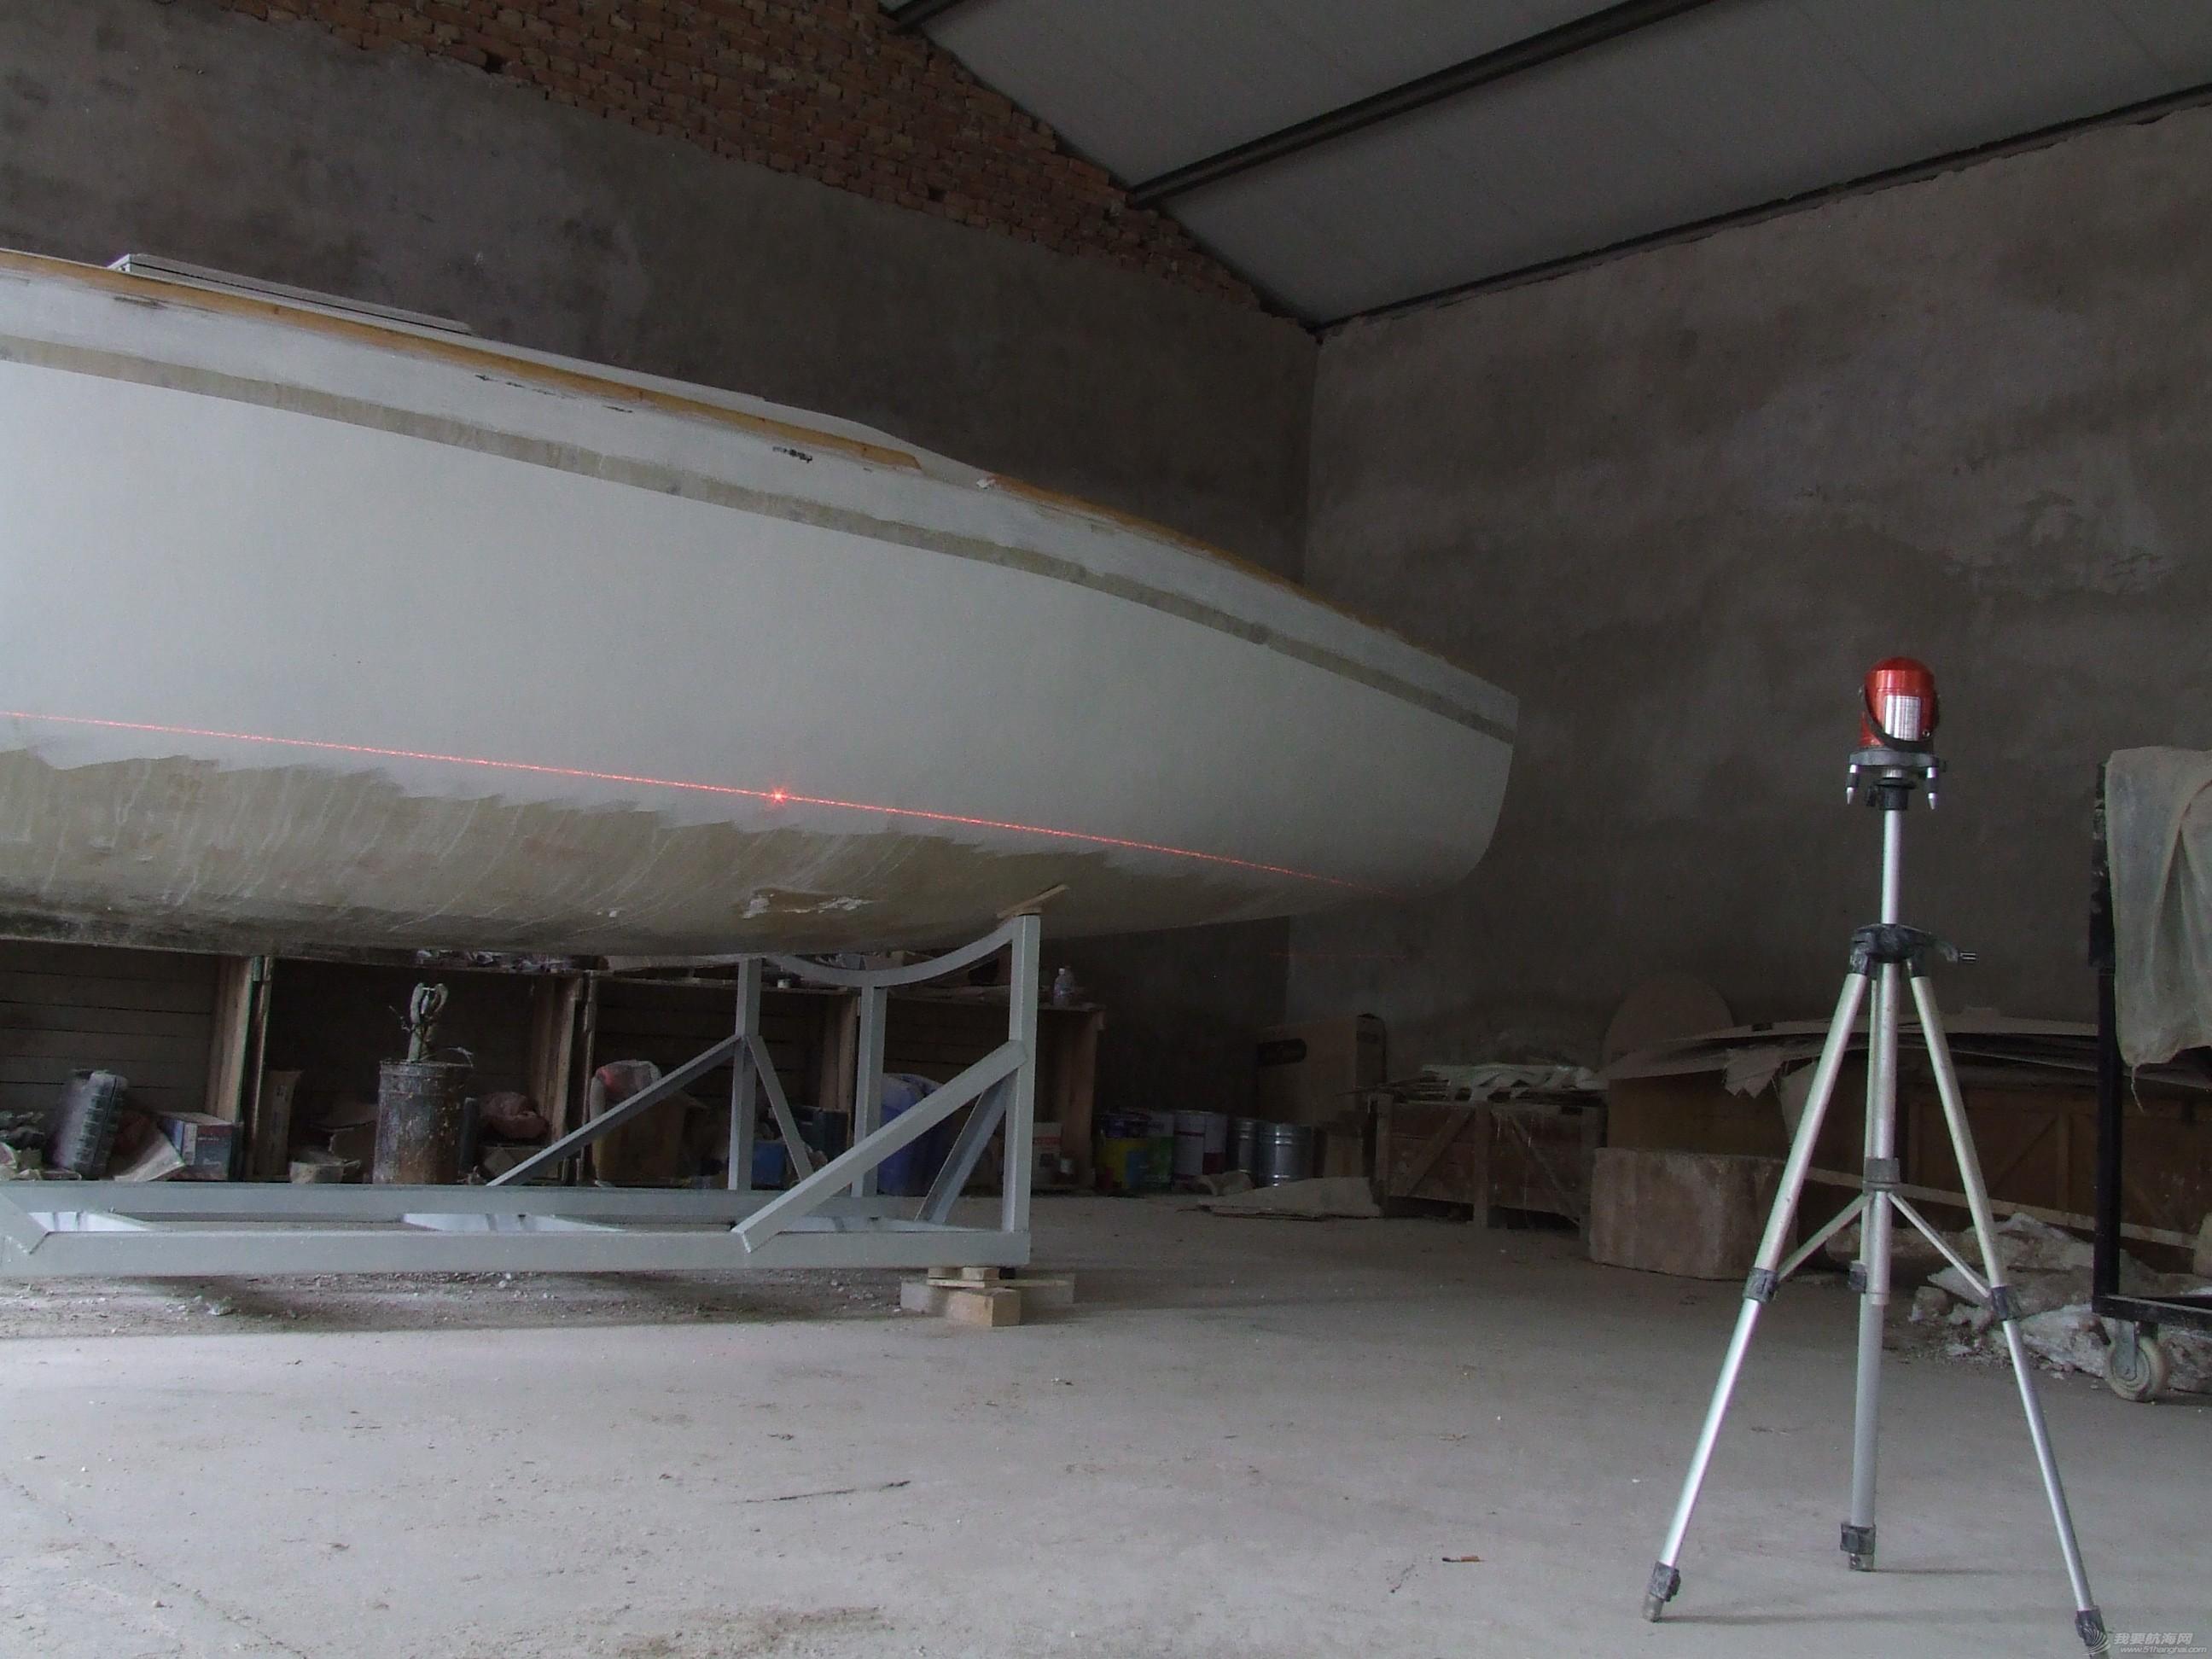 GR-750船壳涂装完成 DSCF7175.JPG